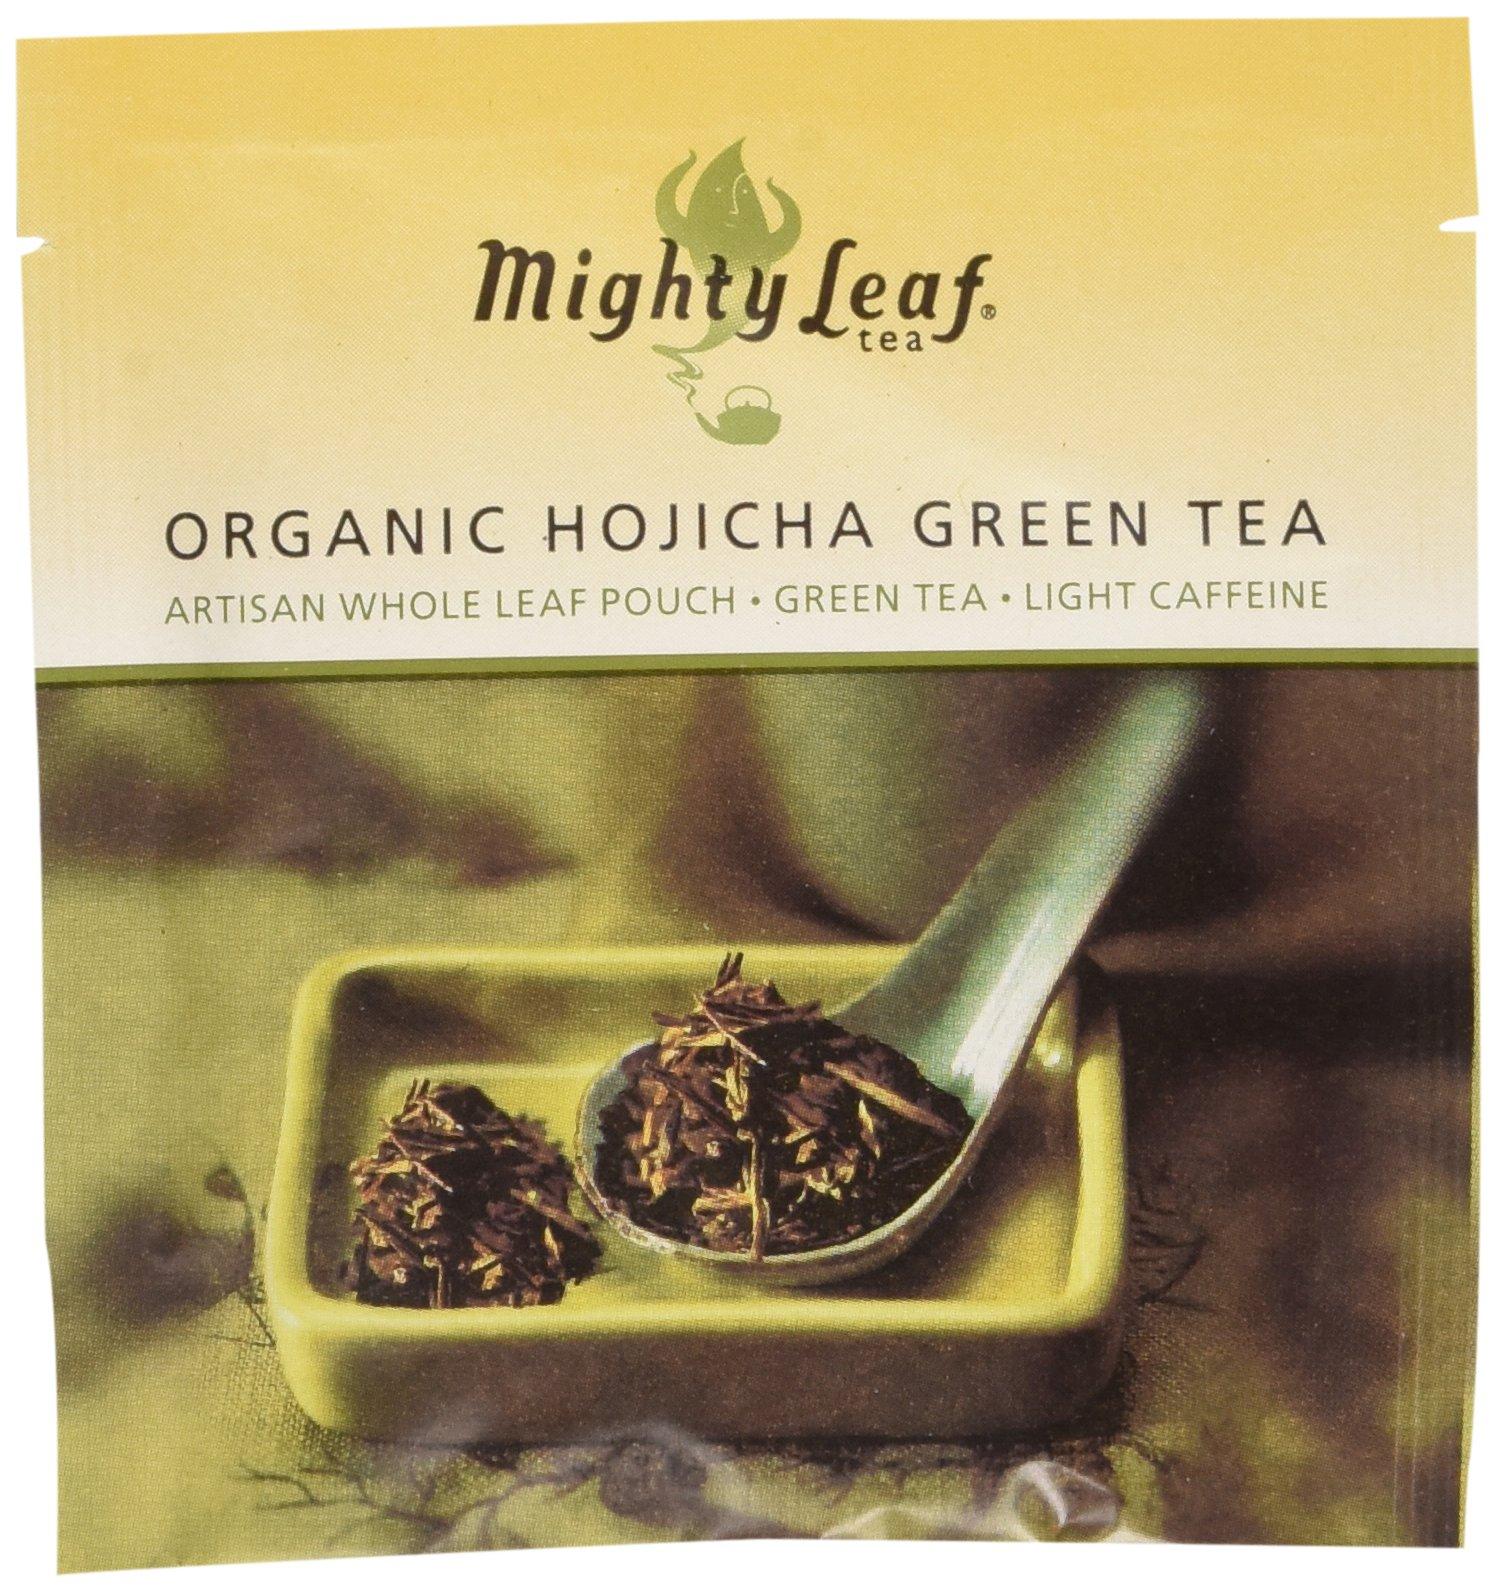 Mighty Leaf Organic Hojicha Green Tea, 100 Tea Pouches by Mighty Leaf Tea